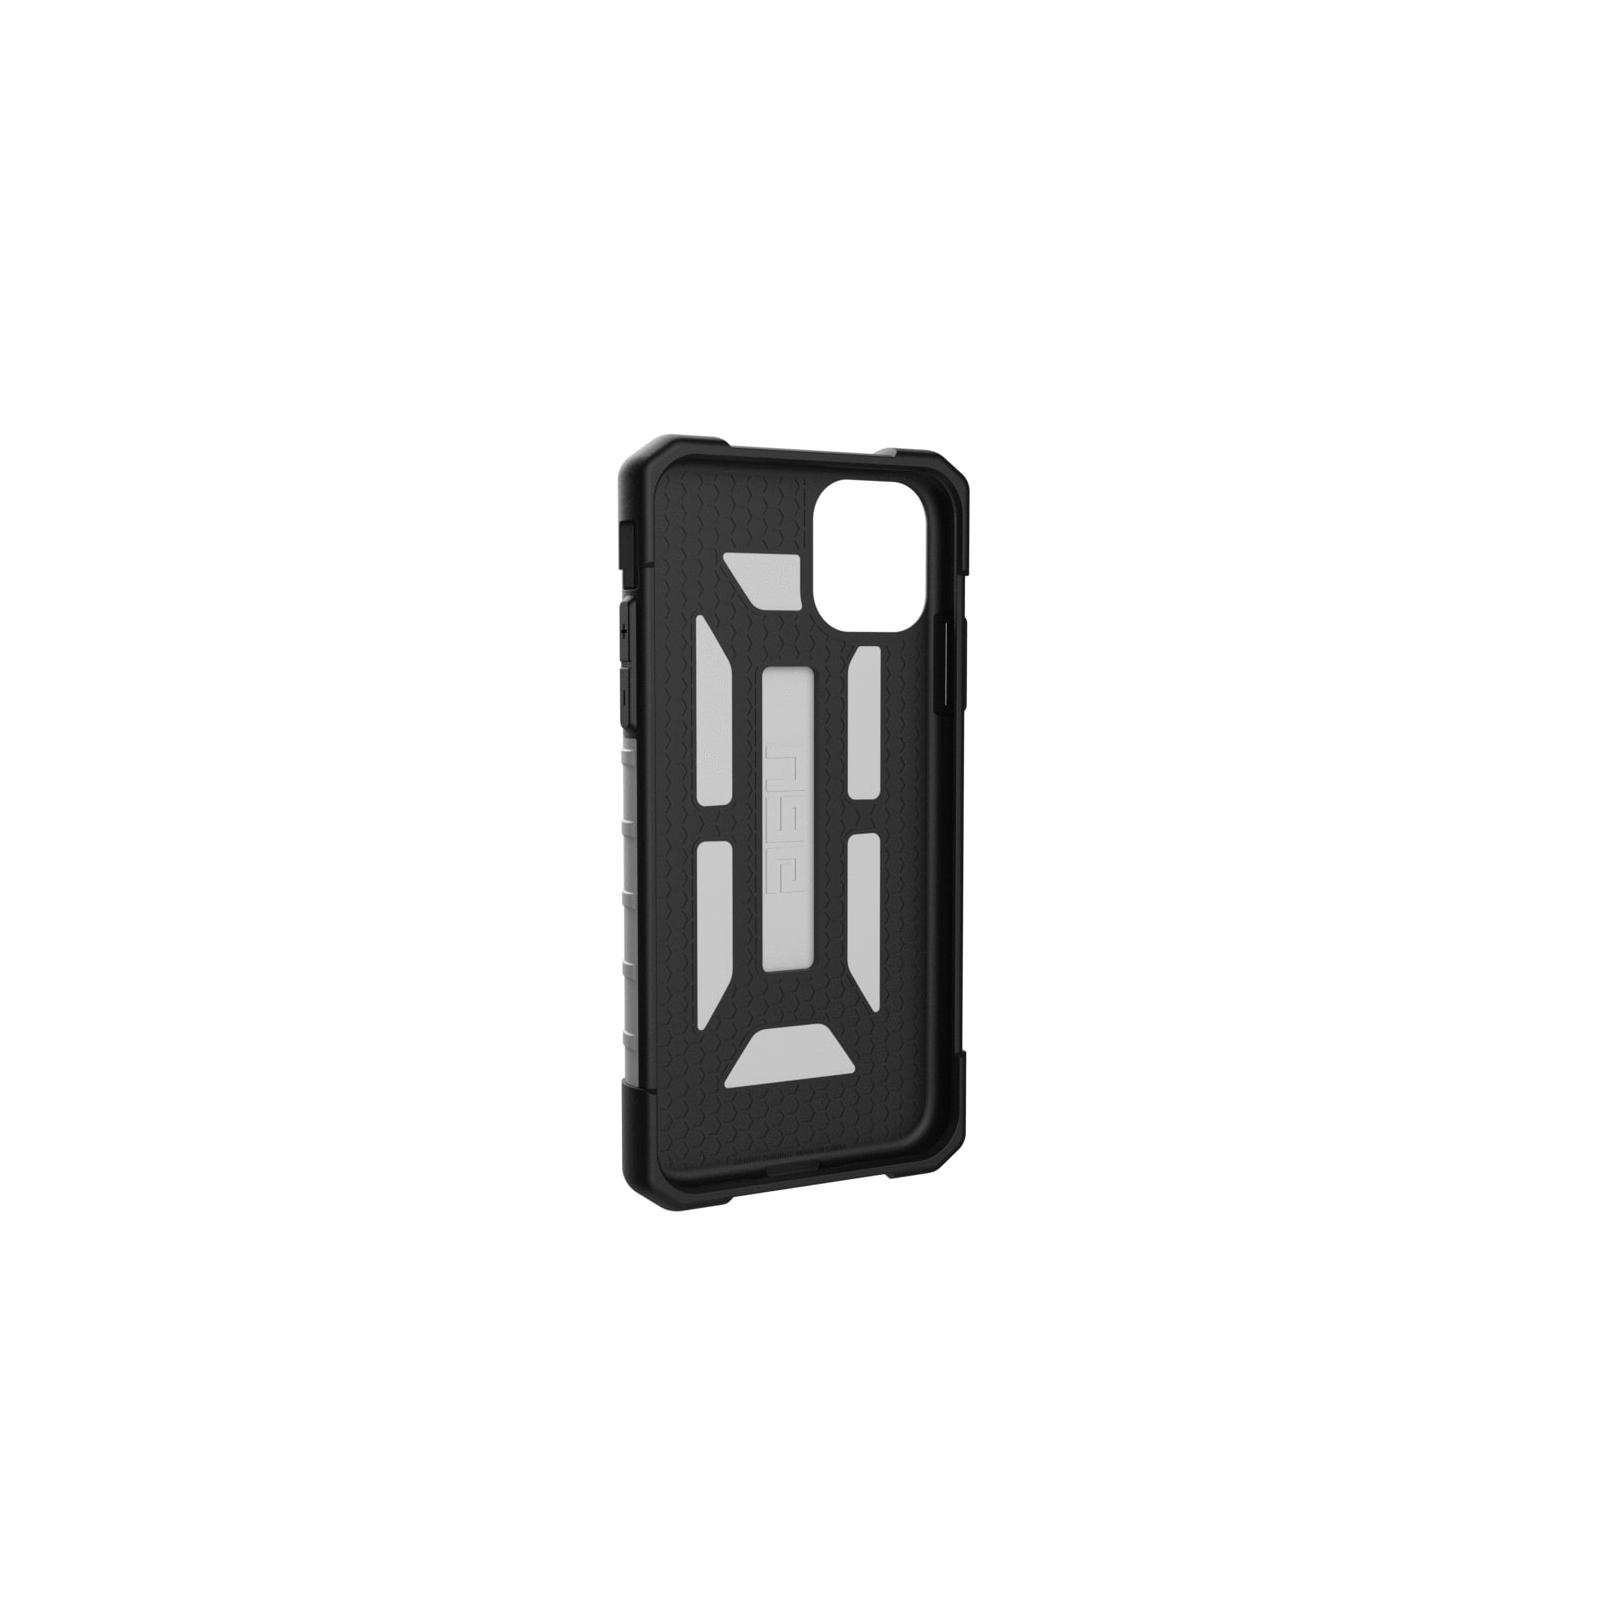 Чехол для моб. телефона Uag iPhone 11 Pathfinder, Black (111717114040) изображение 5